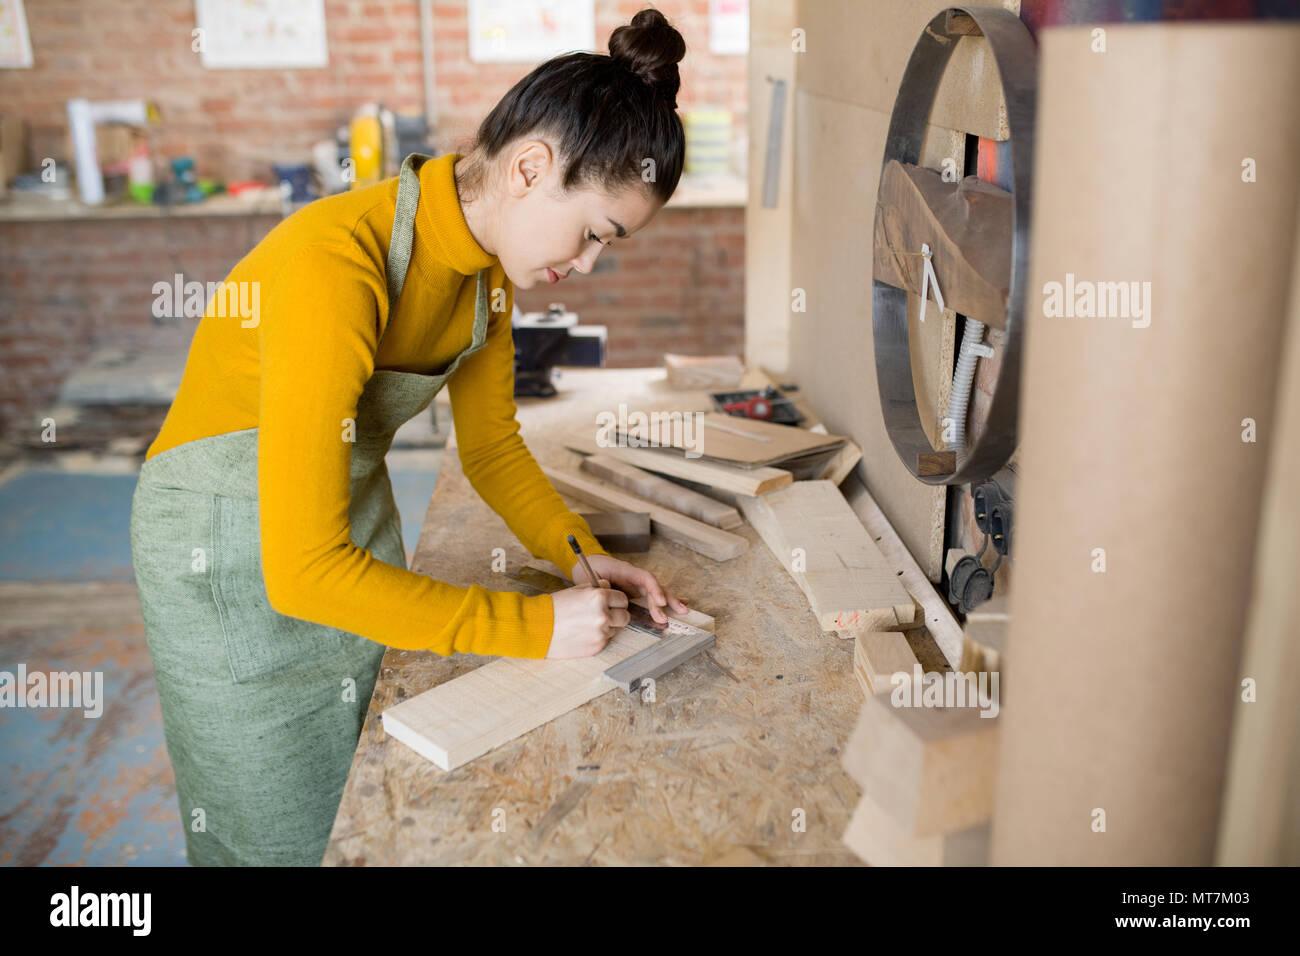 Weibliche Handwerker arbeiten mit Holz Stockfoto